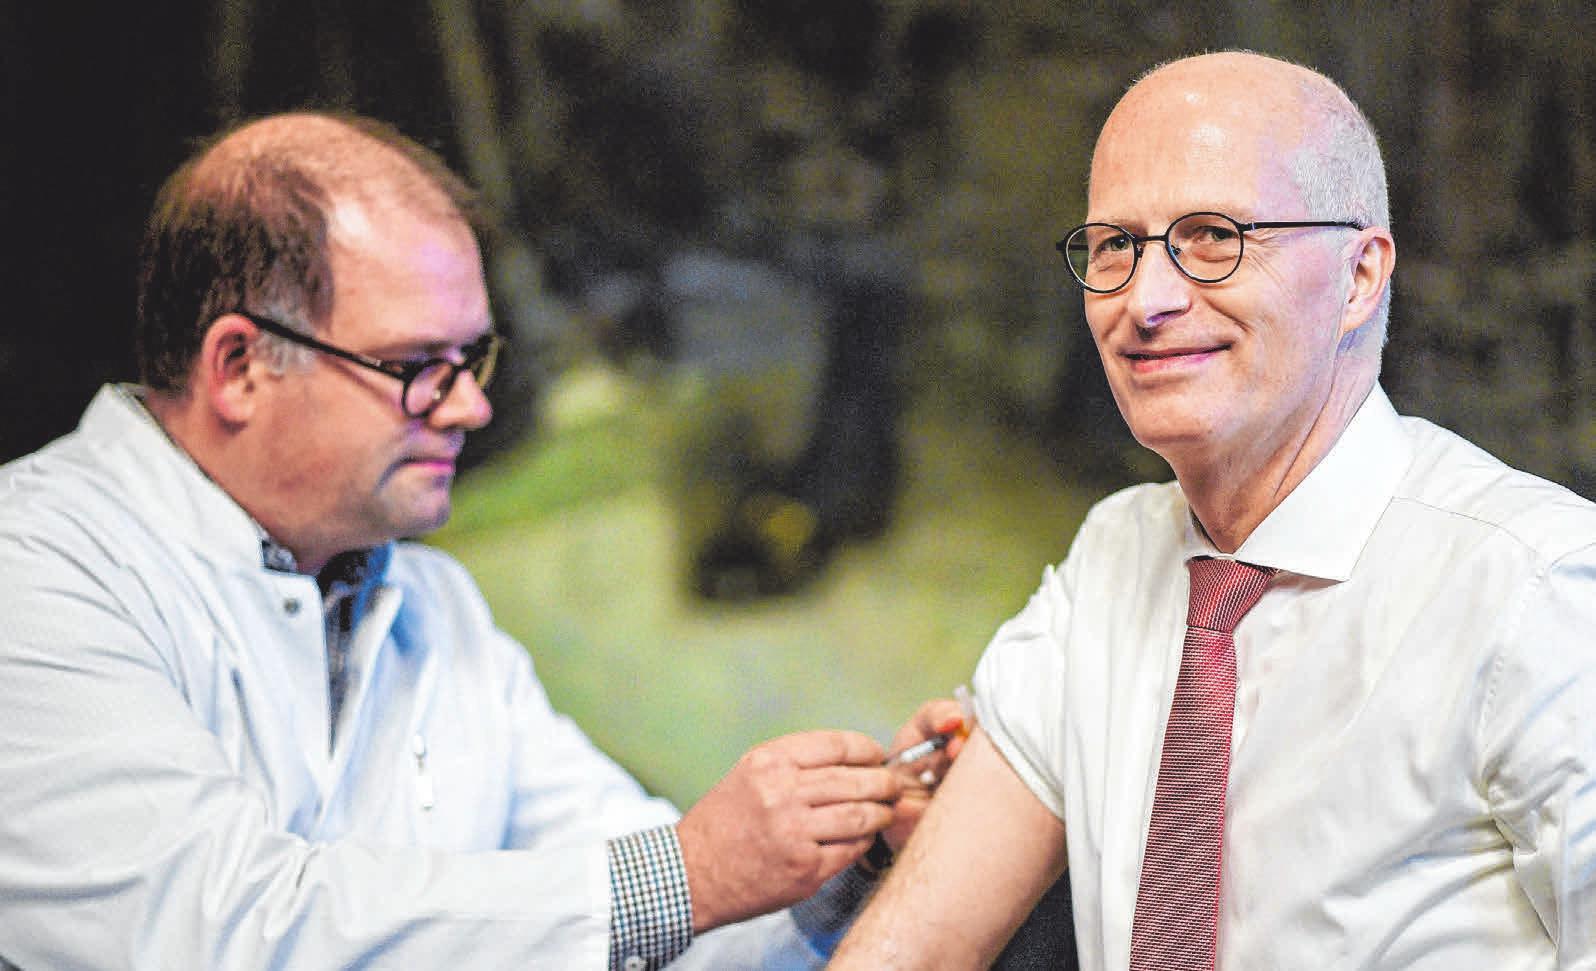 Gerade ältere Menschen sollten sich impfen lassen. FOTO: DPA/AXEL HEIMKEN